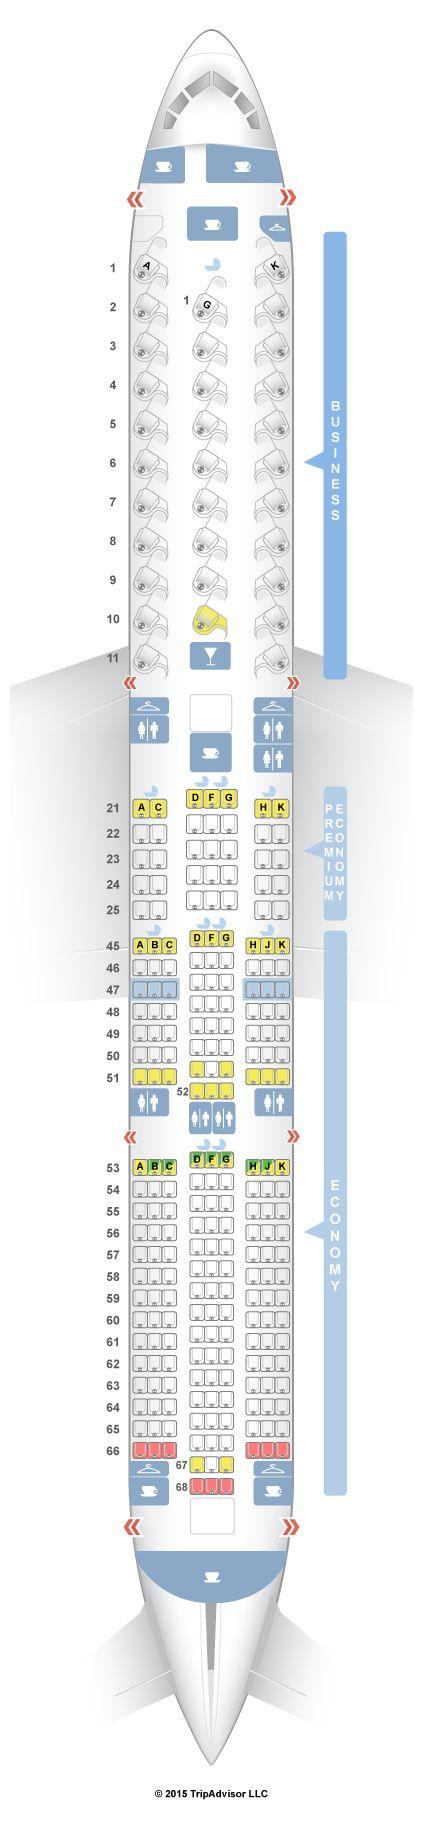 virgin trains seat map pdf